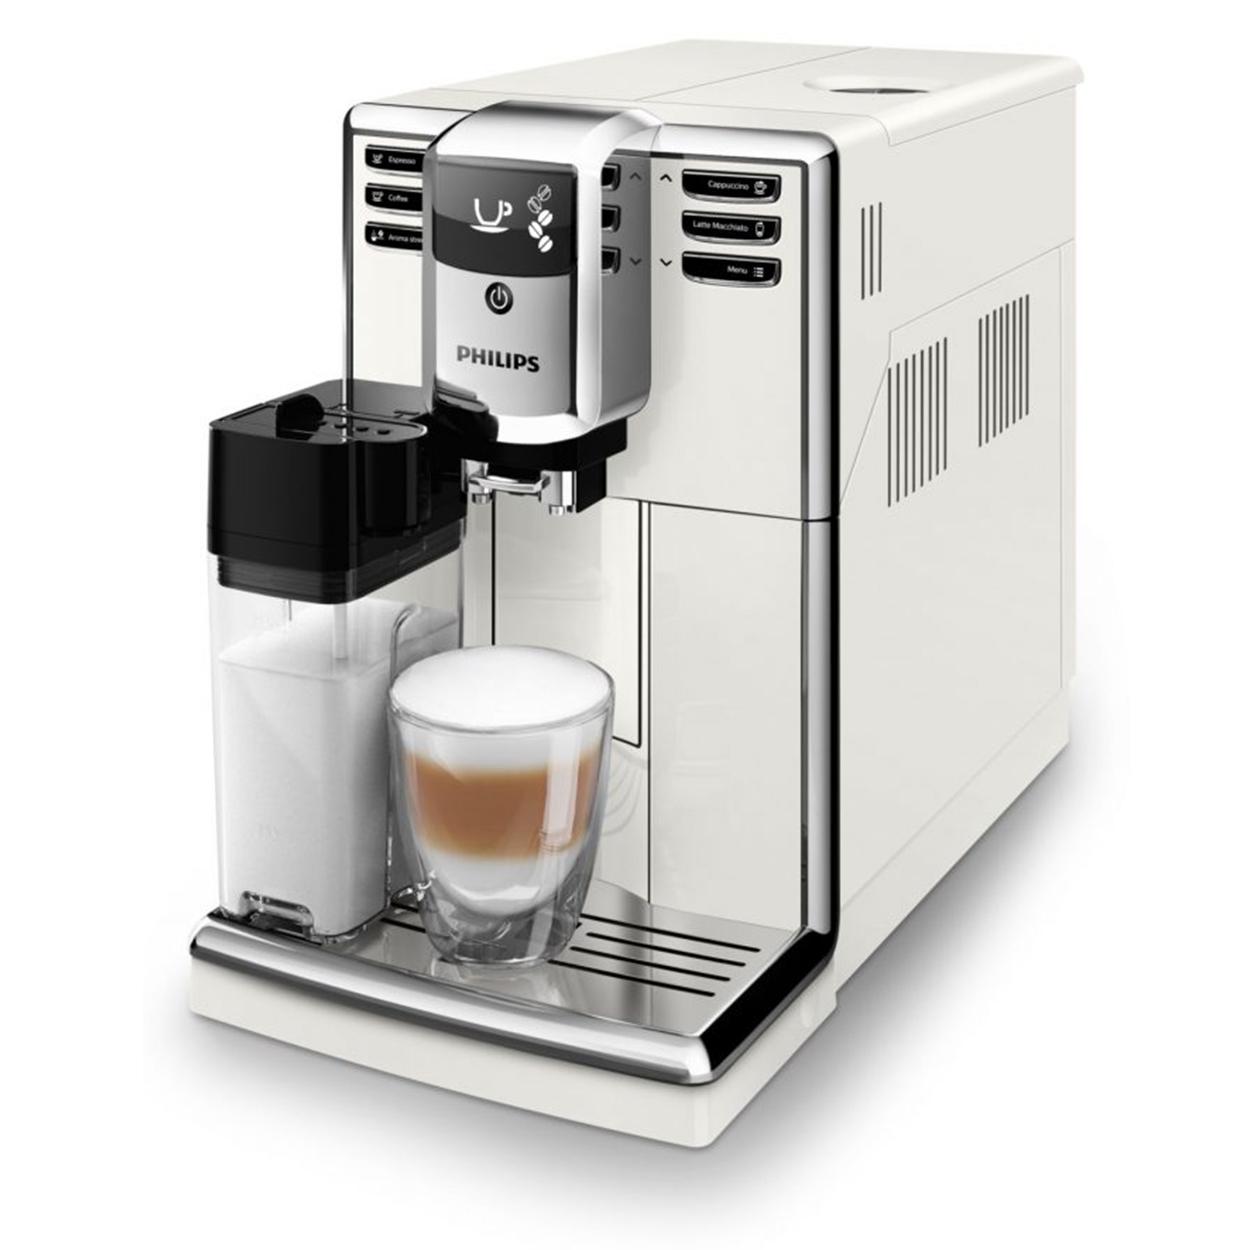 Pirkite Series 5000 Visiškai automatinis espreso aparatą EP5361/10 elektroninėje   Philips parduotuvėje